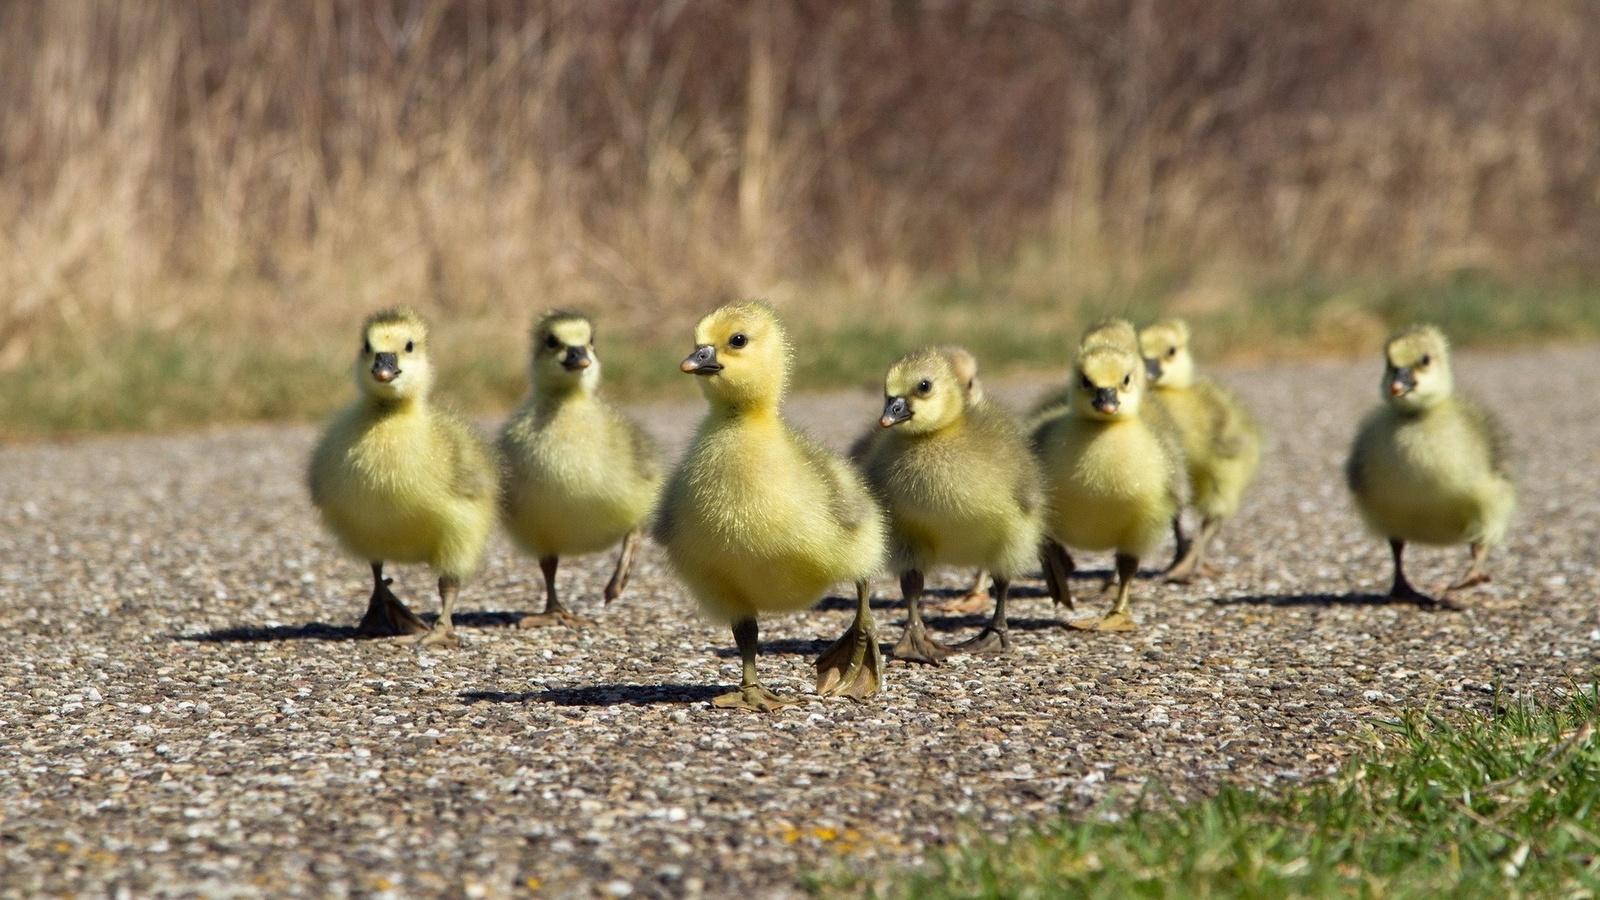 цыплята, птицы, гусята